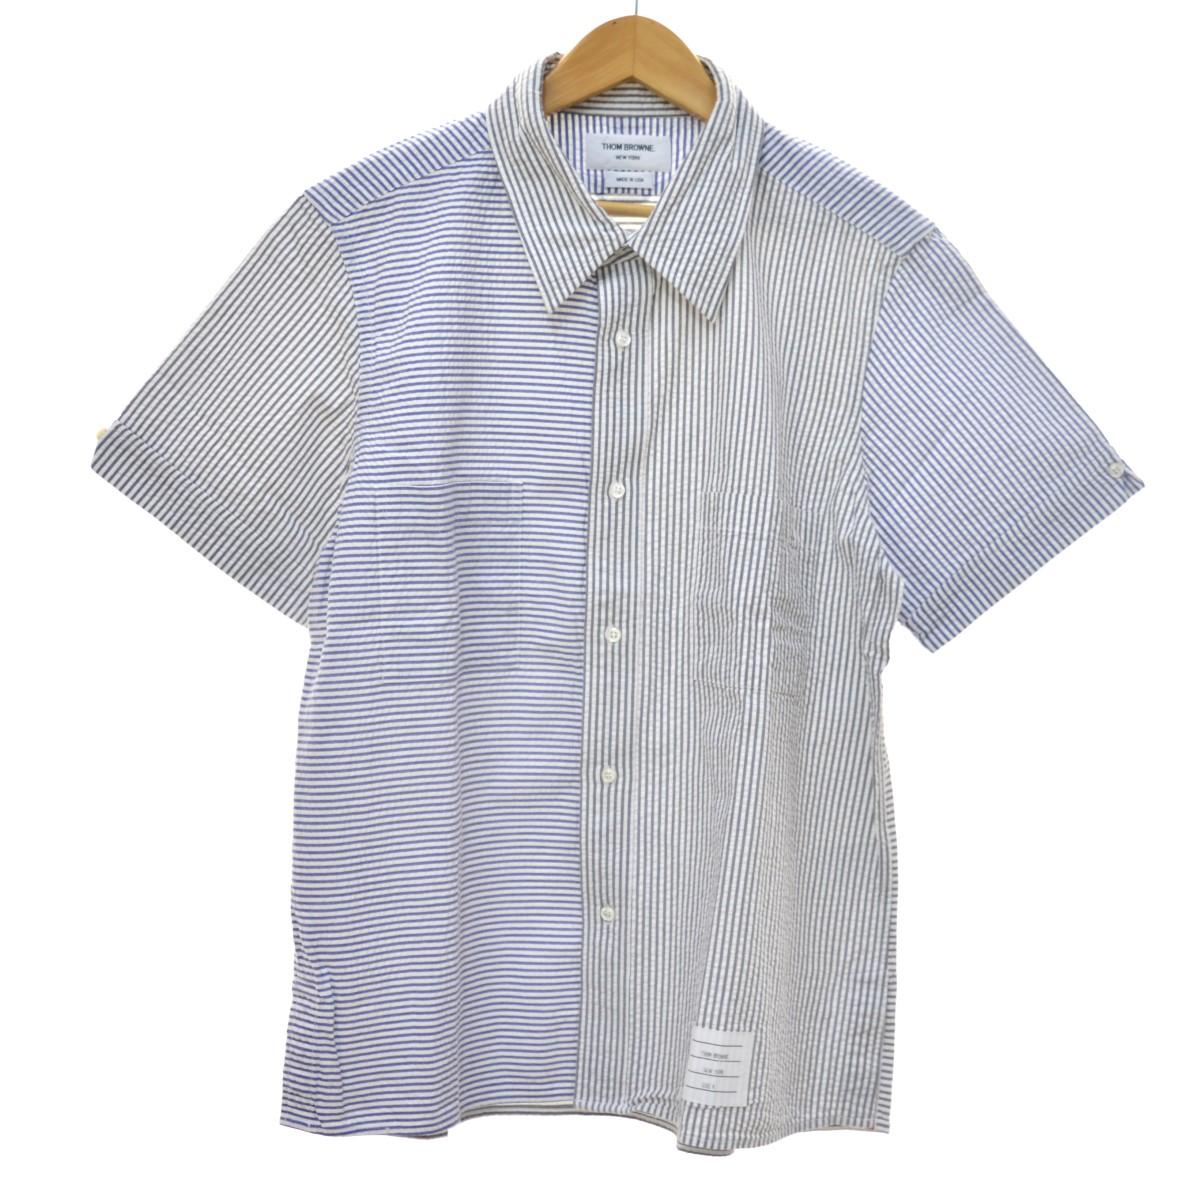 【中古】THOM BROWNE ストライプ半袖シャツ ホワイト×ブルー×グレー サイズ:4 【260420】(トム・ブラウン)